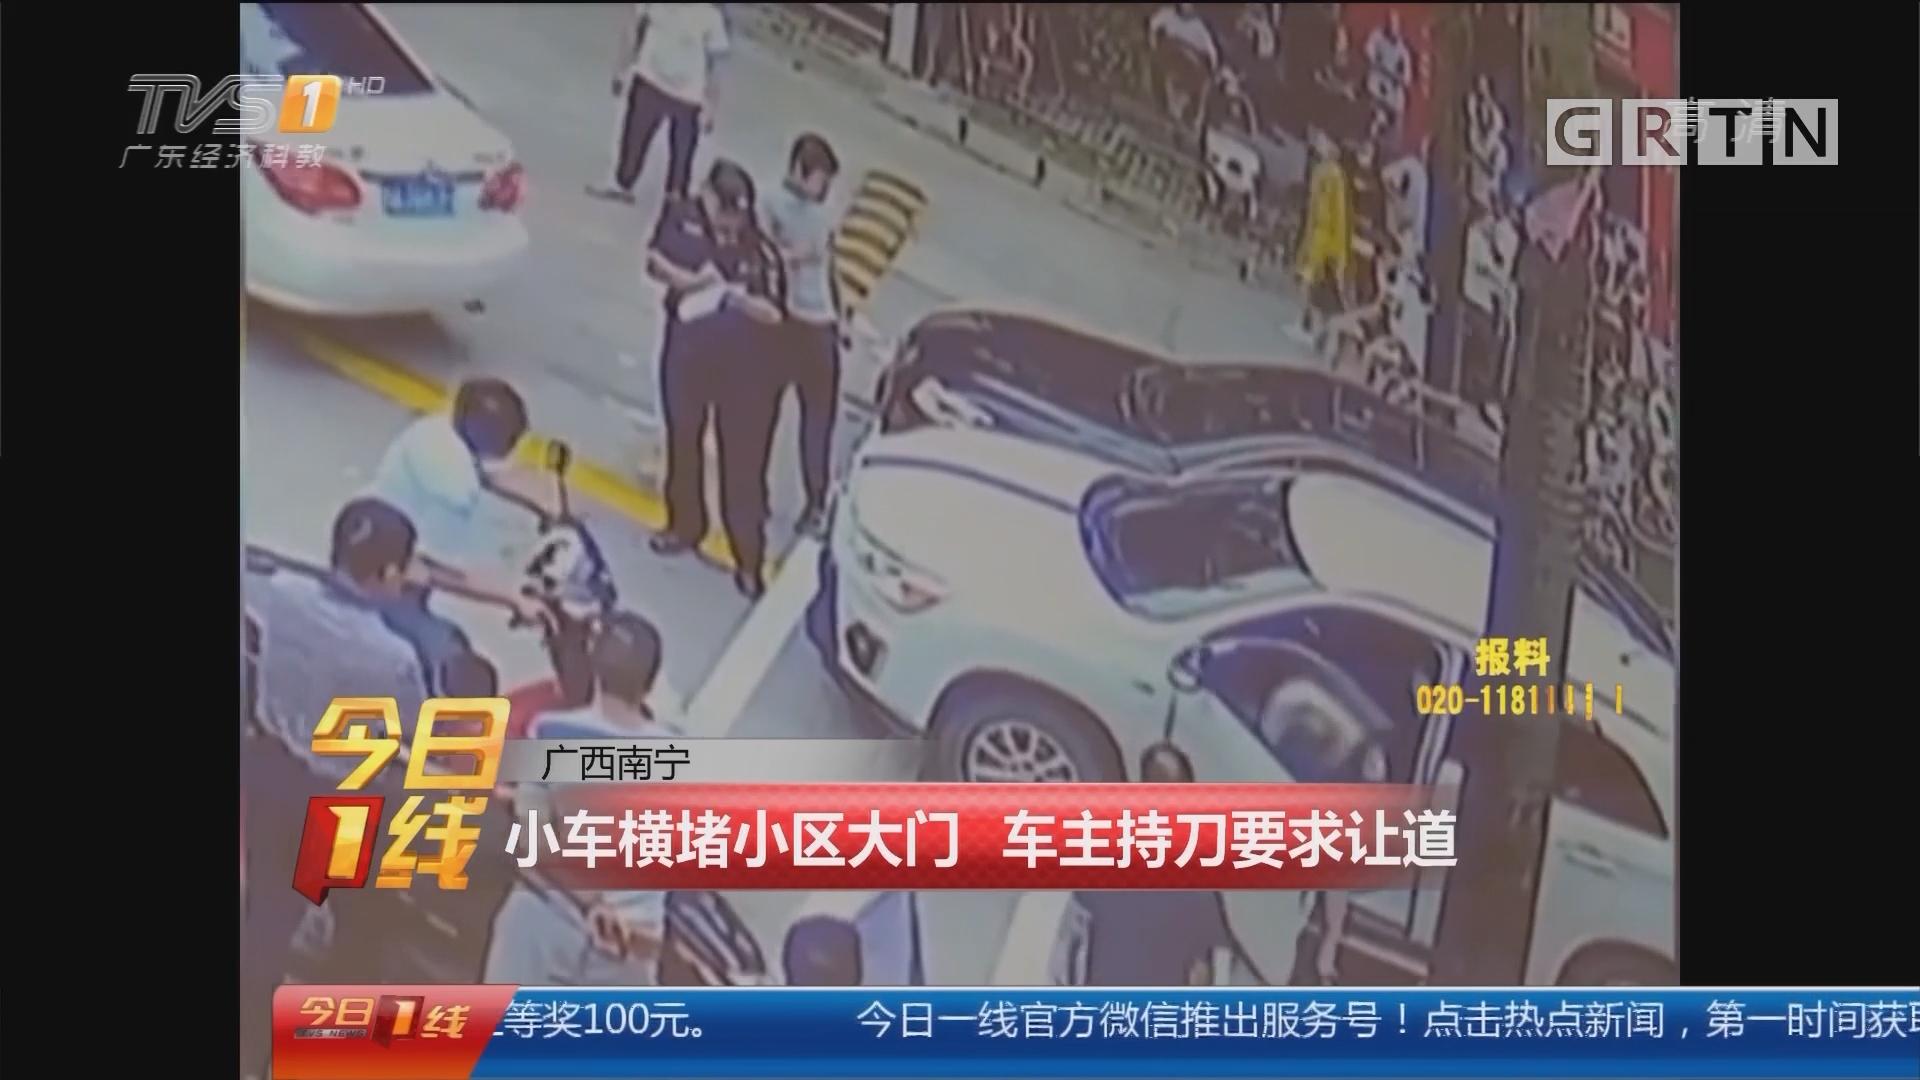 广西南宁:小车横堵小区大门 车主持刀要求让道